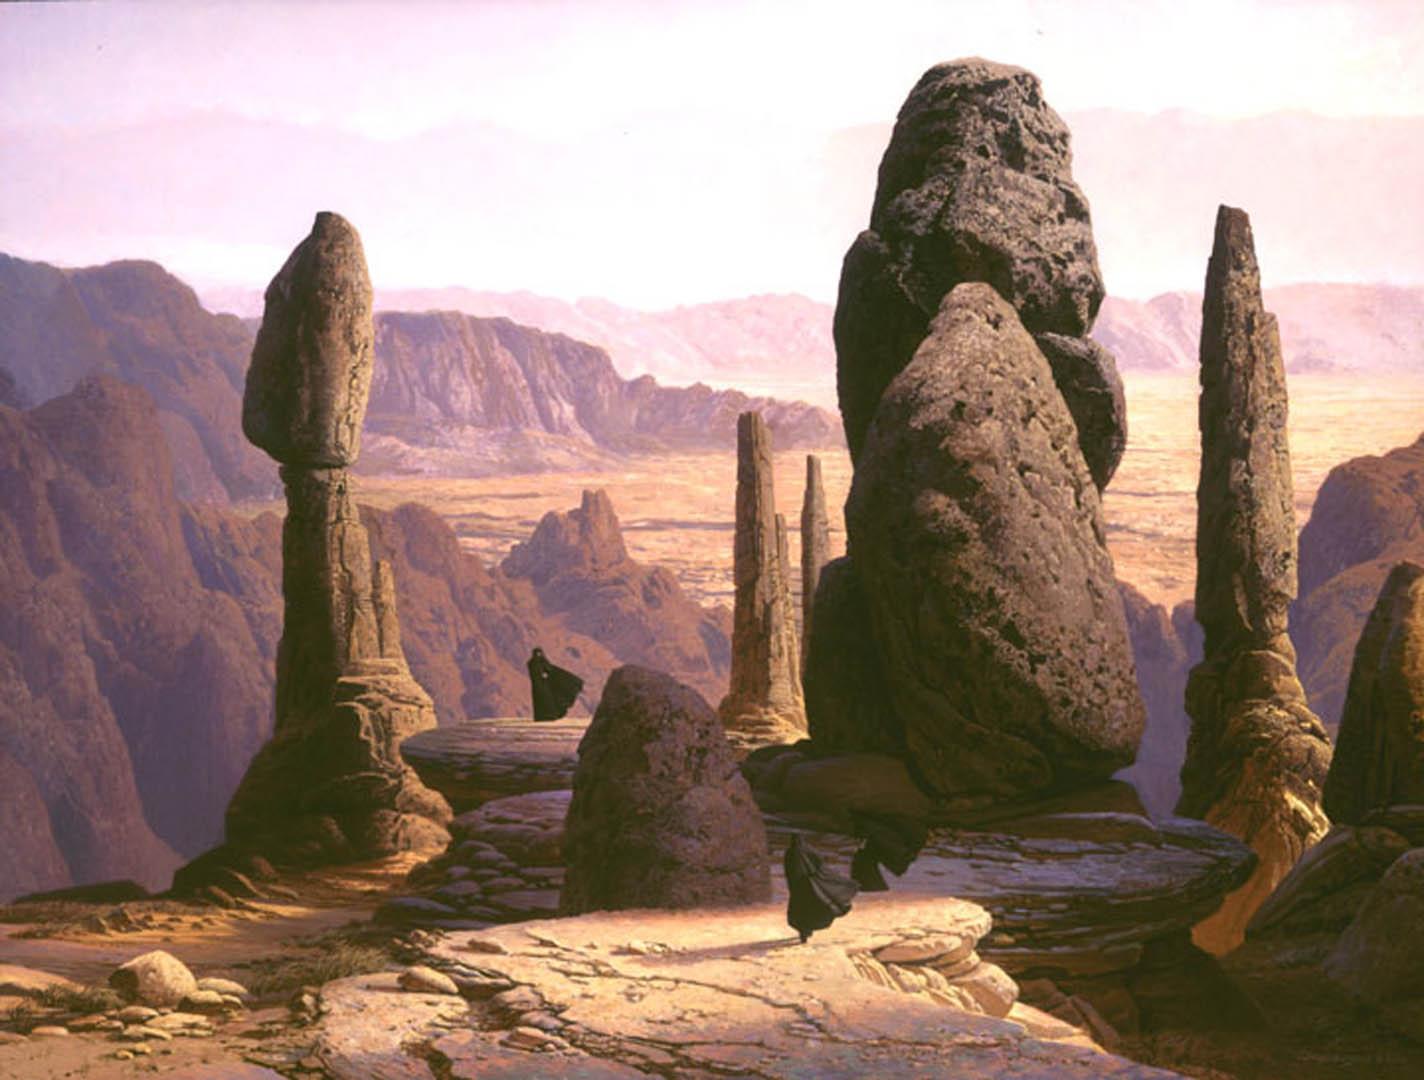 Pillars of nethys